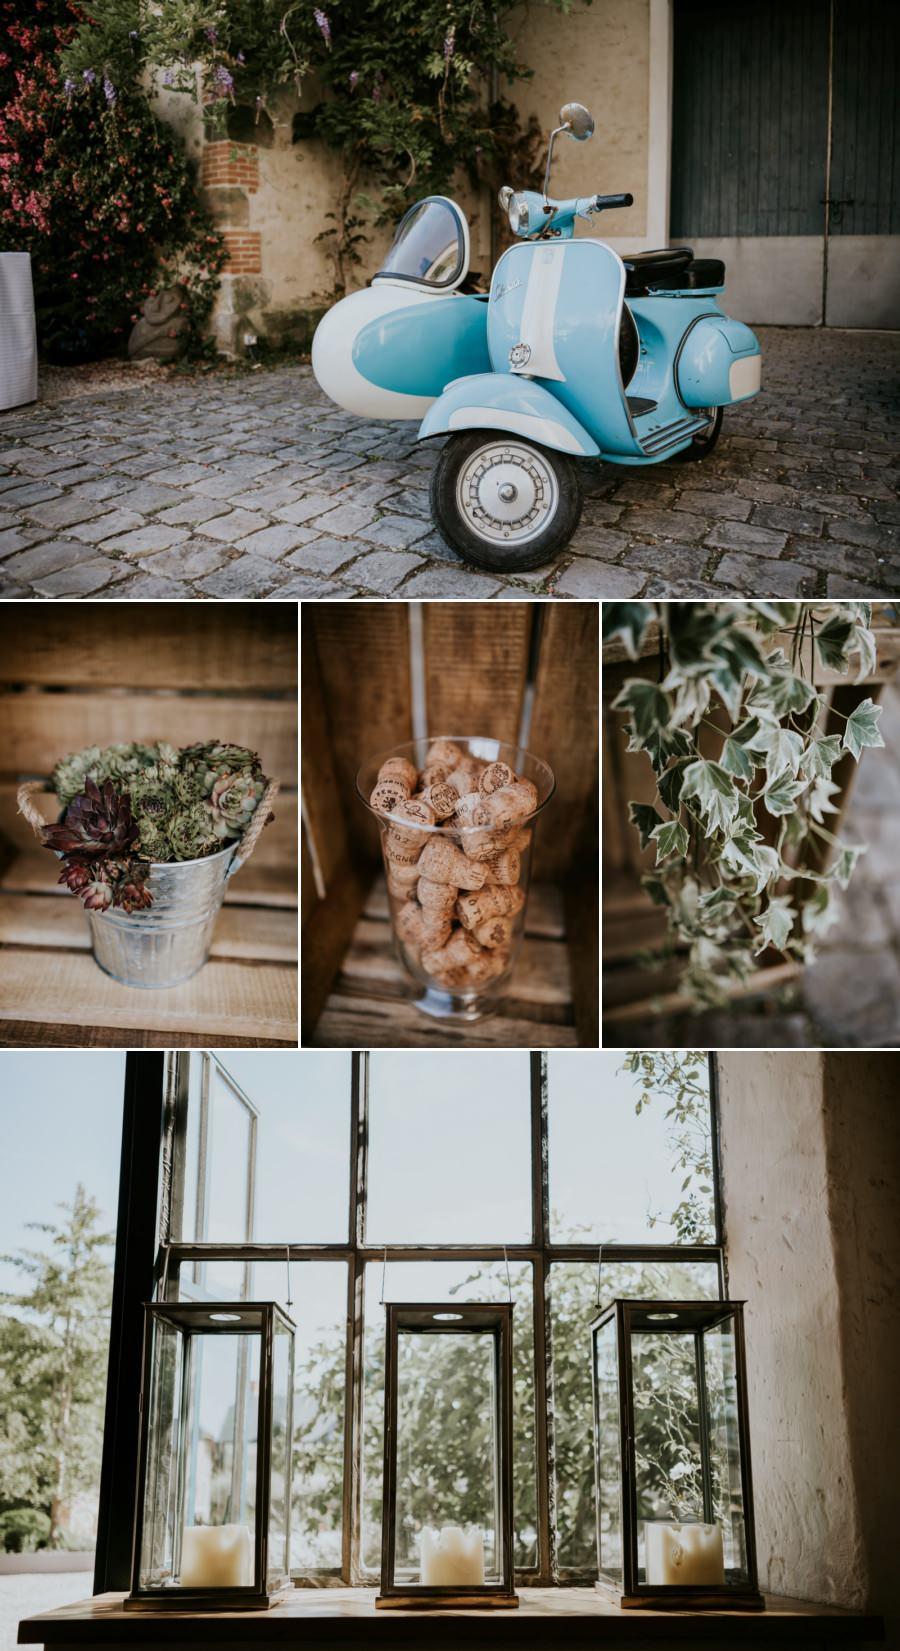 Décoration végétale domaine de Quincampoix - photos de mariage